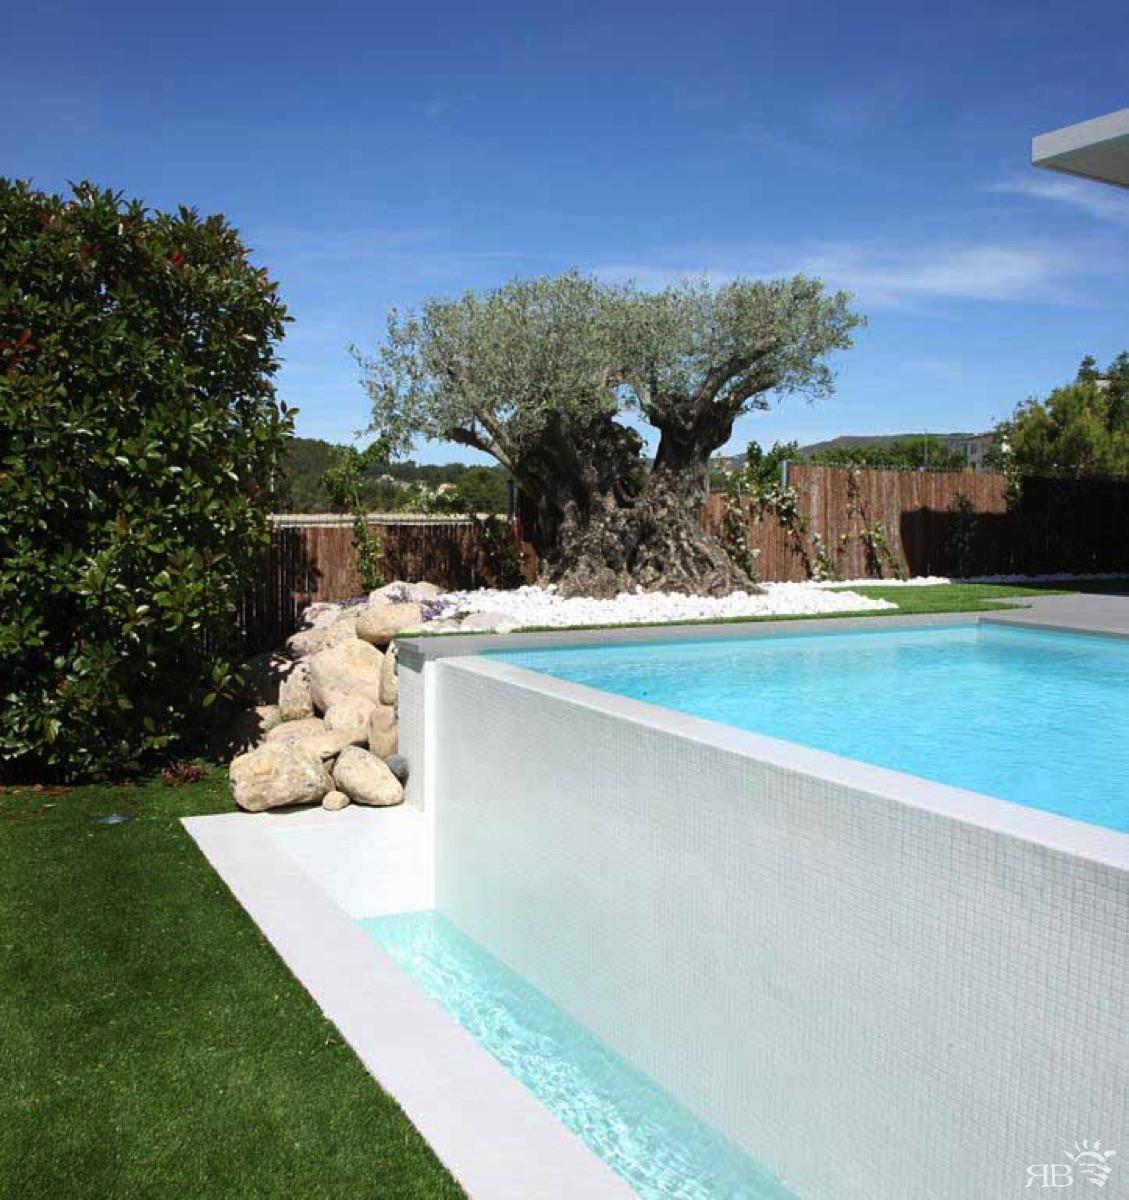 Piscine Sfioro A Cascata piscina con lato sfioro cascata - rb piscine